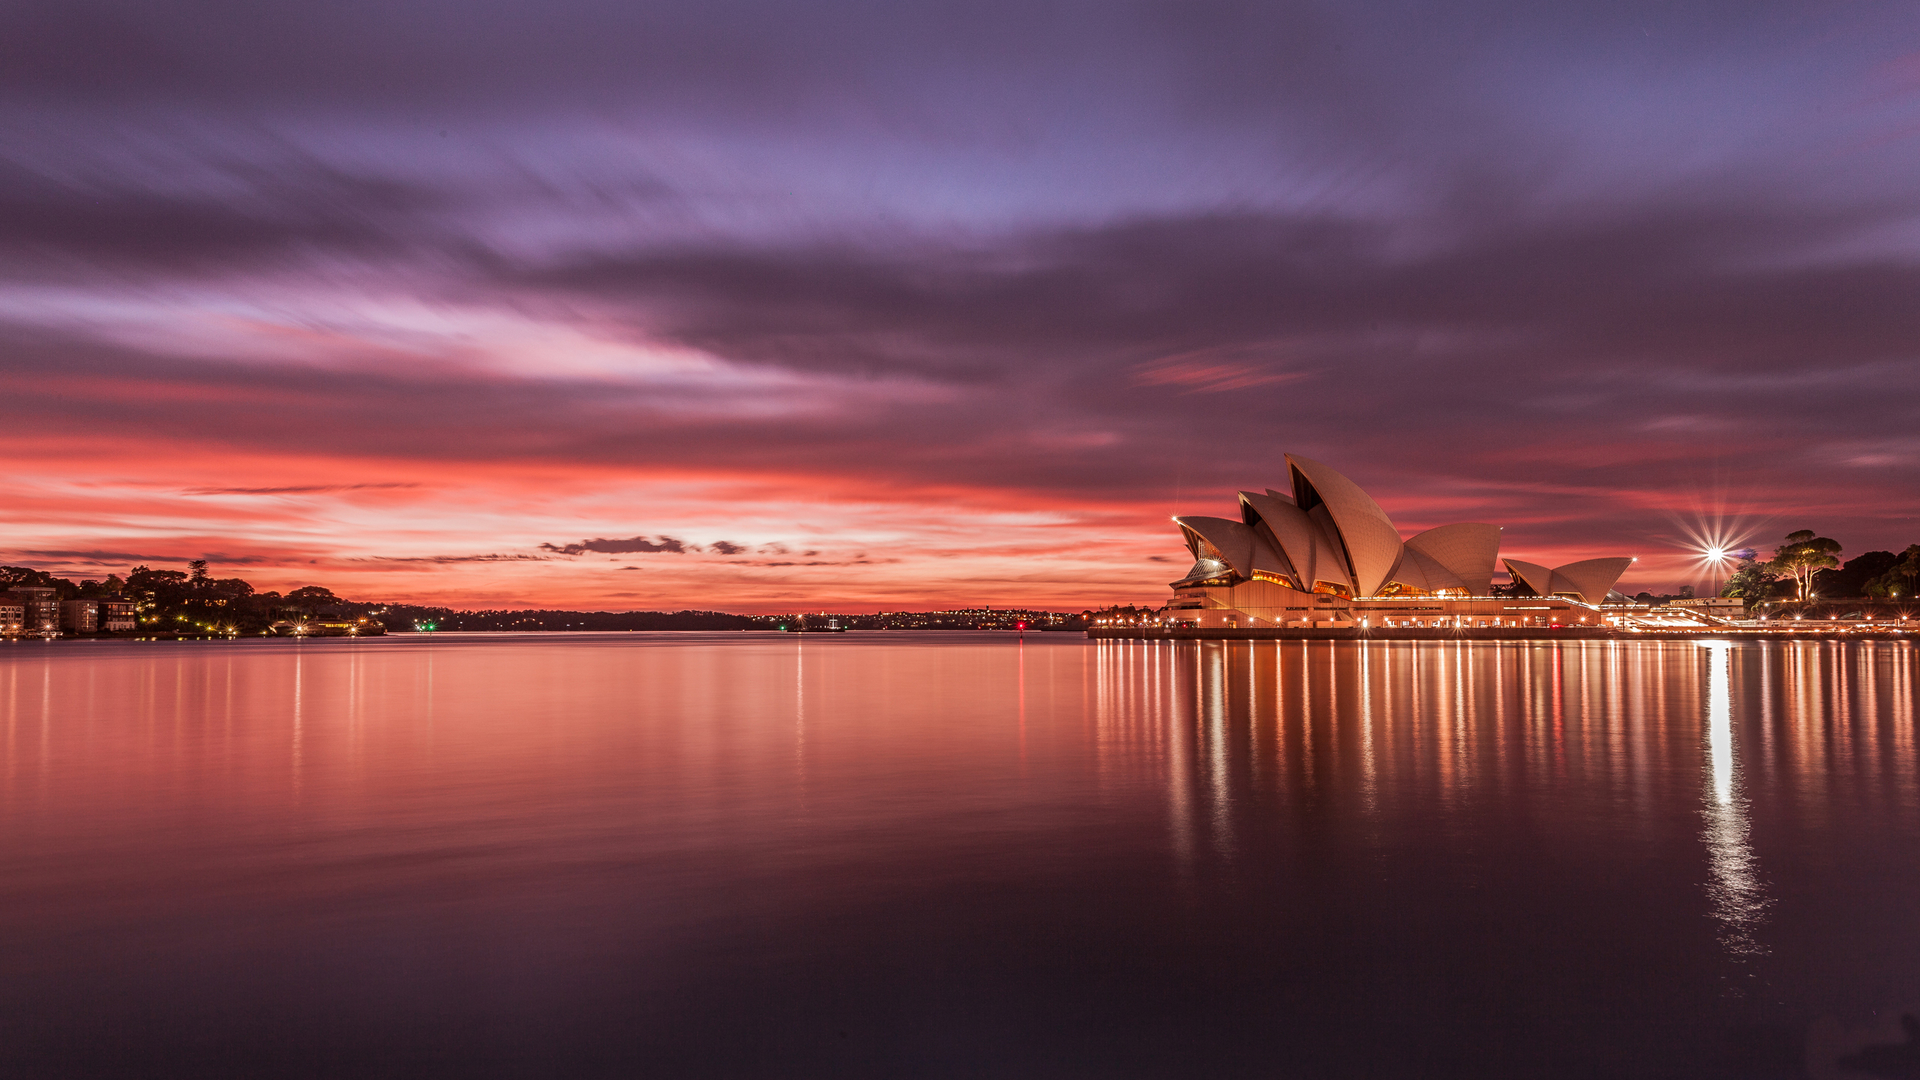 > 世界文化遗产悉尼歌剧院特色建筑电脑壁纸